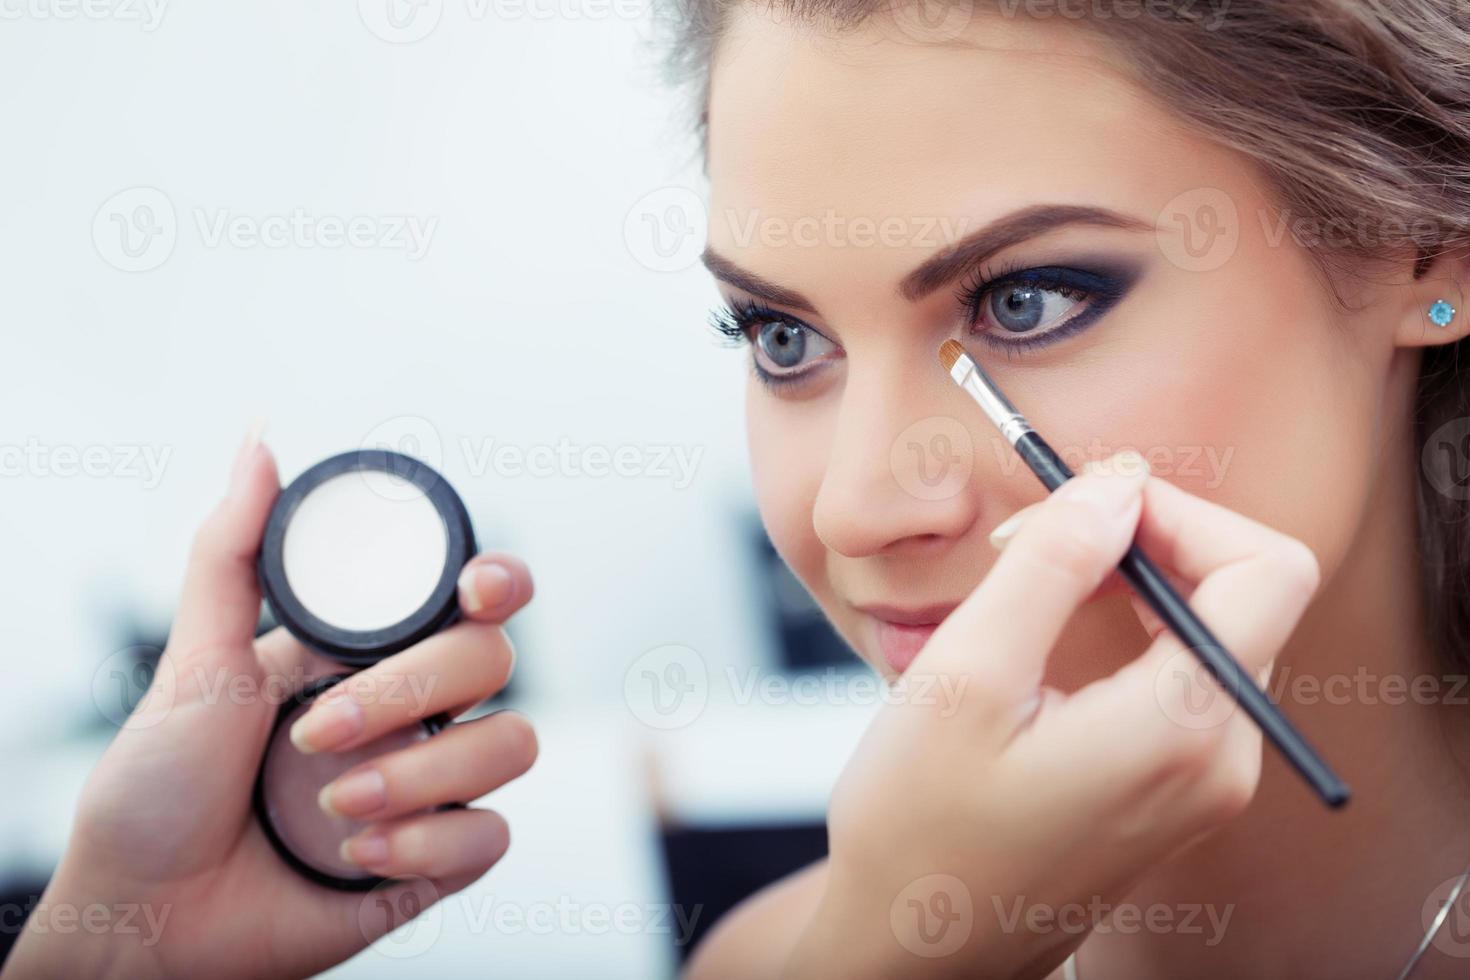 une maquilleuse mettant du fard à paupières sur une femme photo